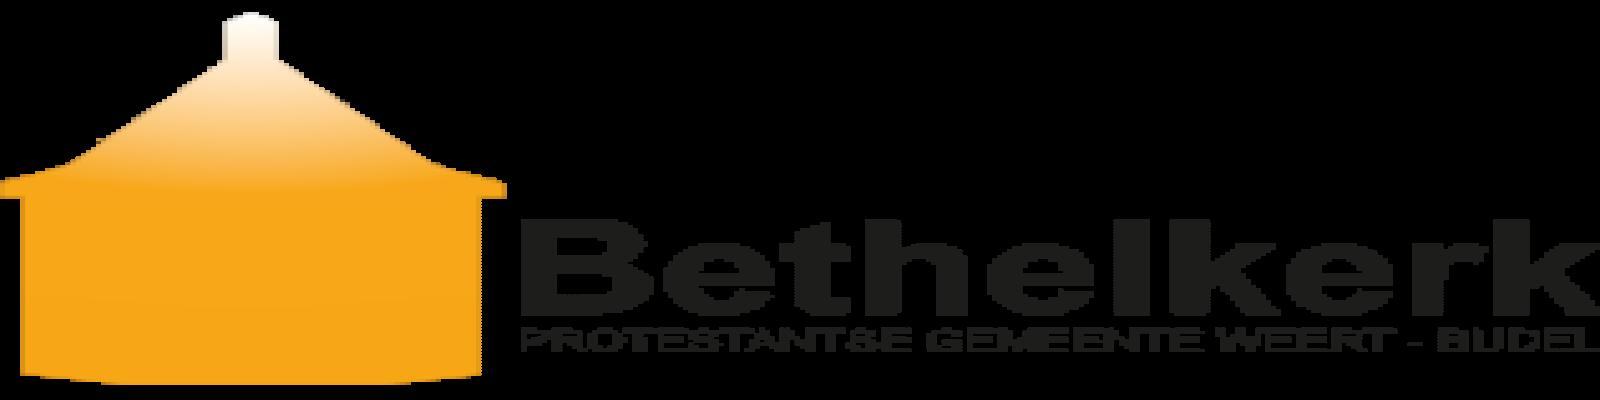 Welkom bij de Bethelkerk